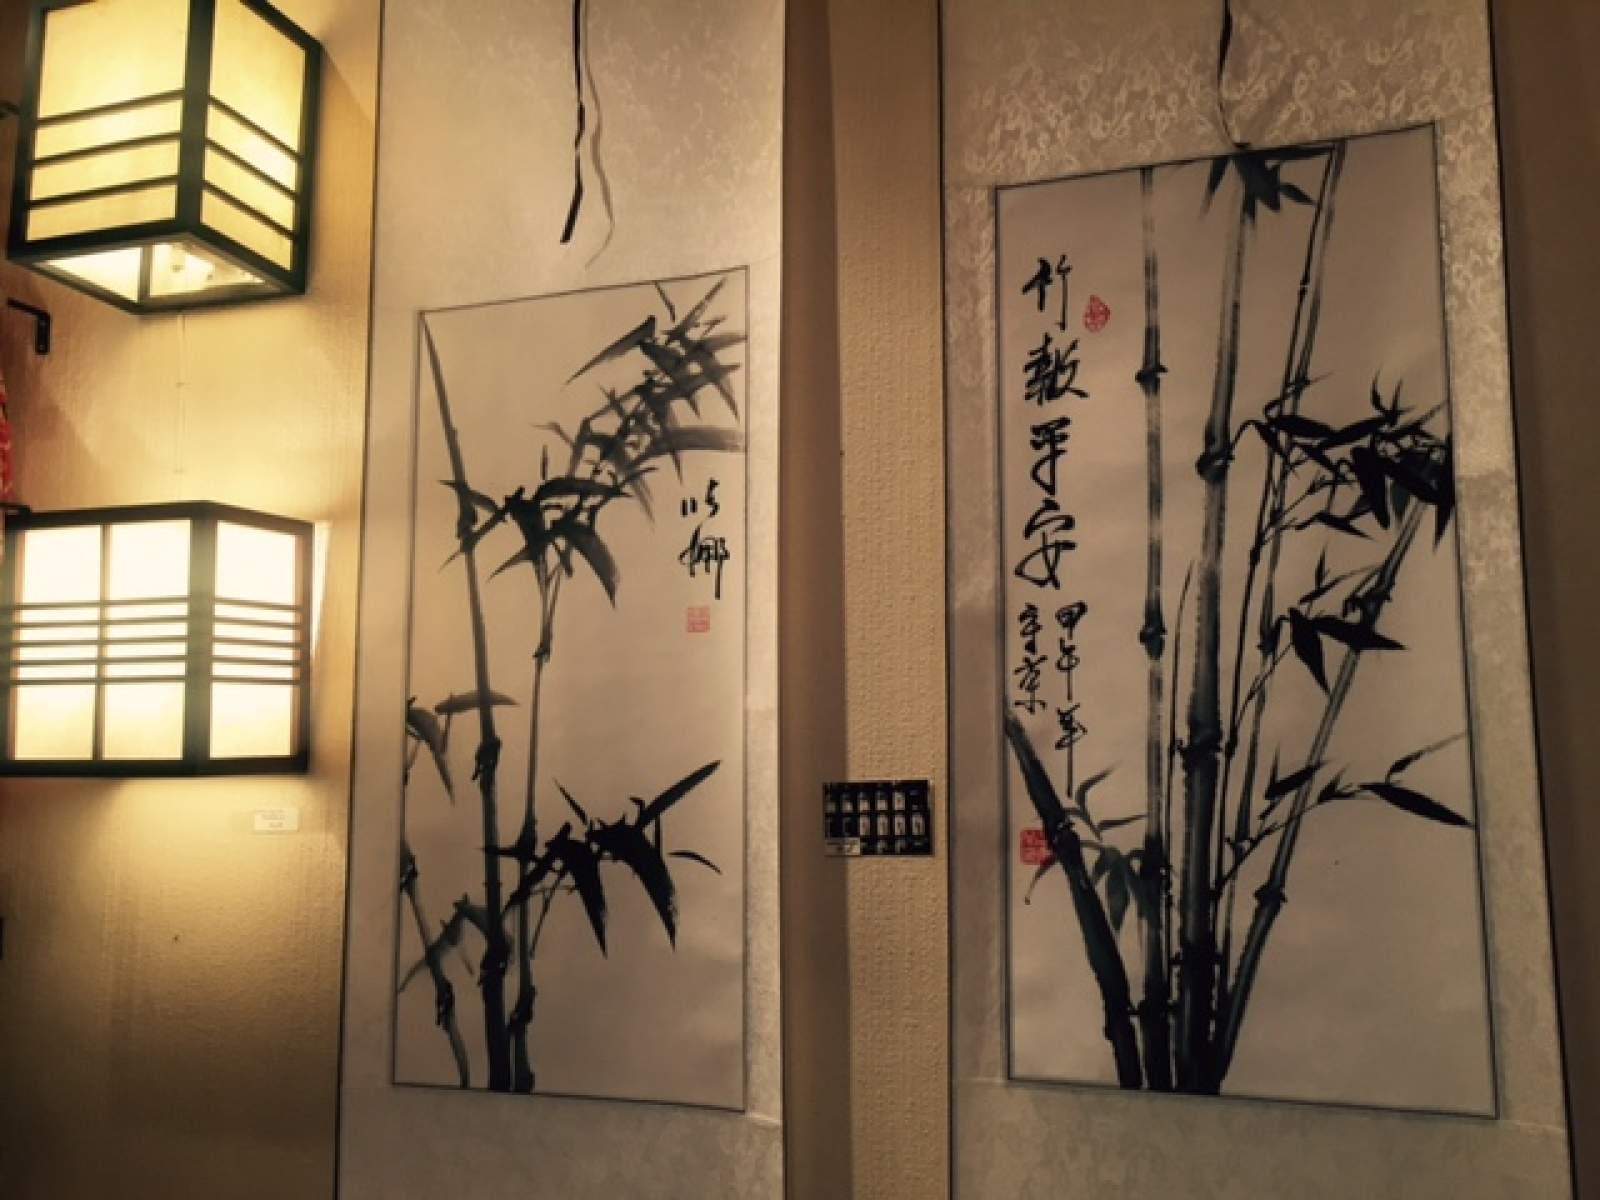 Objets de d coration traditionnelle de kyoto tout pr s du vieux port chez luciole le sp cialiste for Meubles japonais marseille